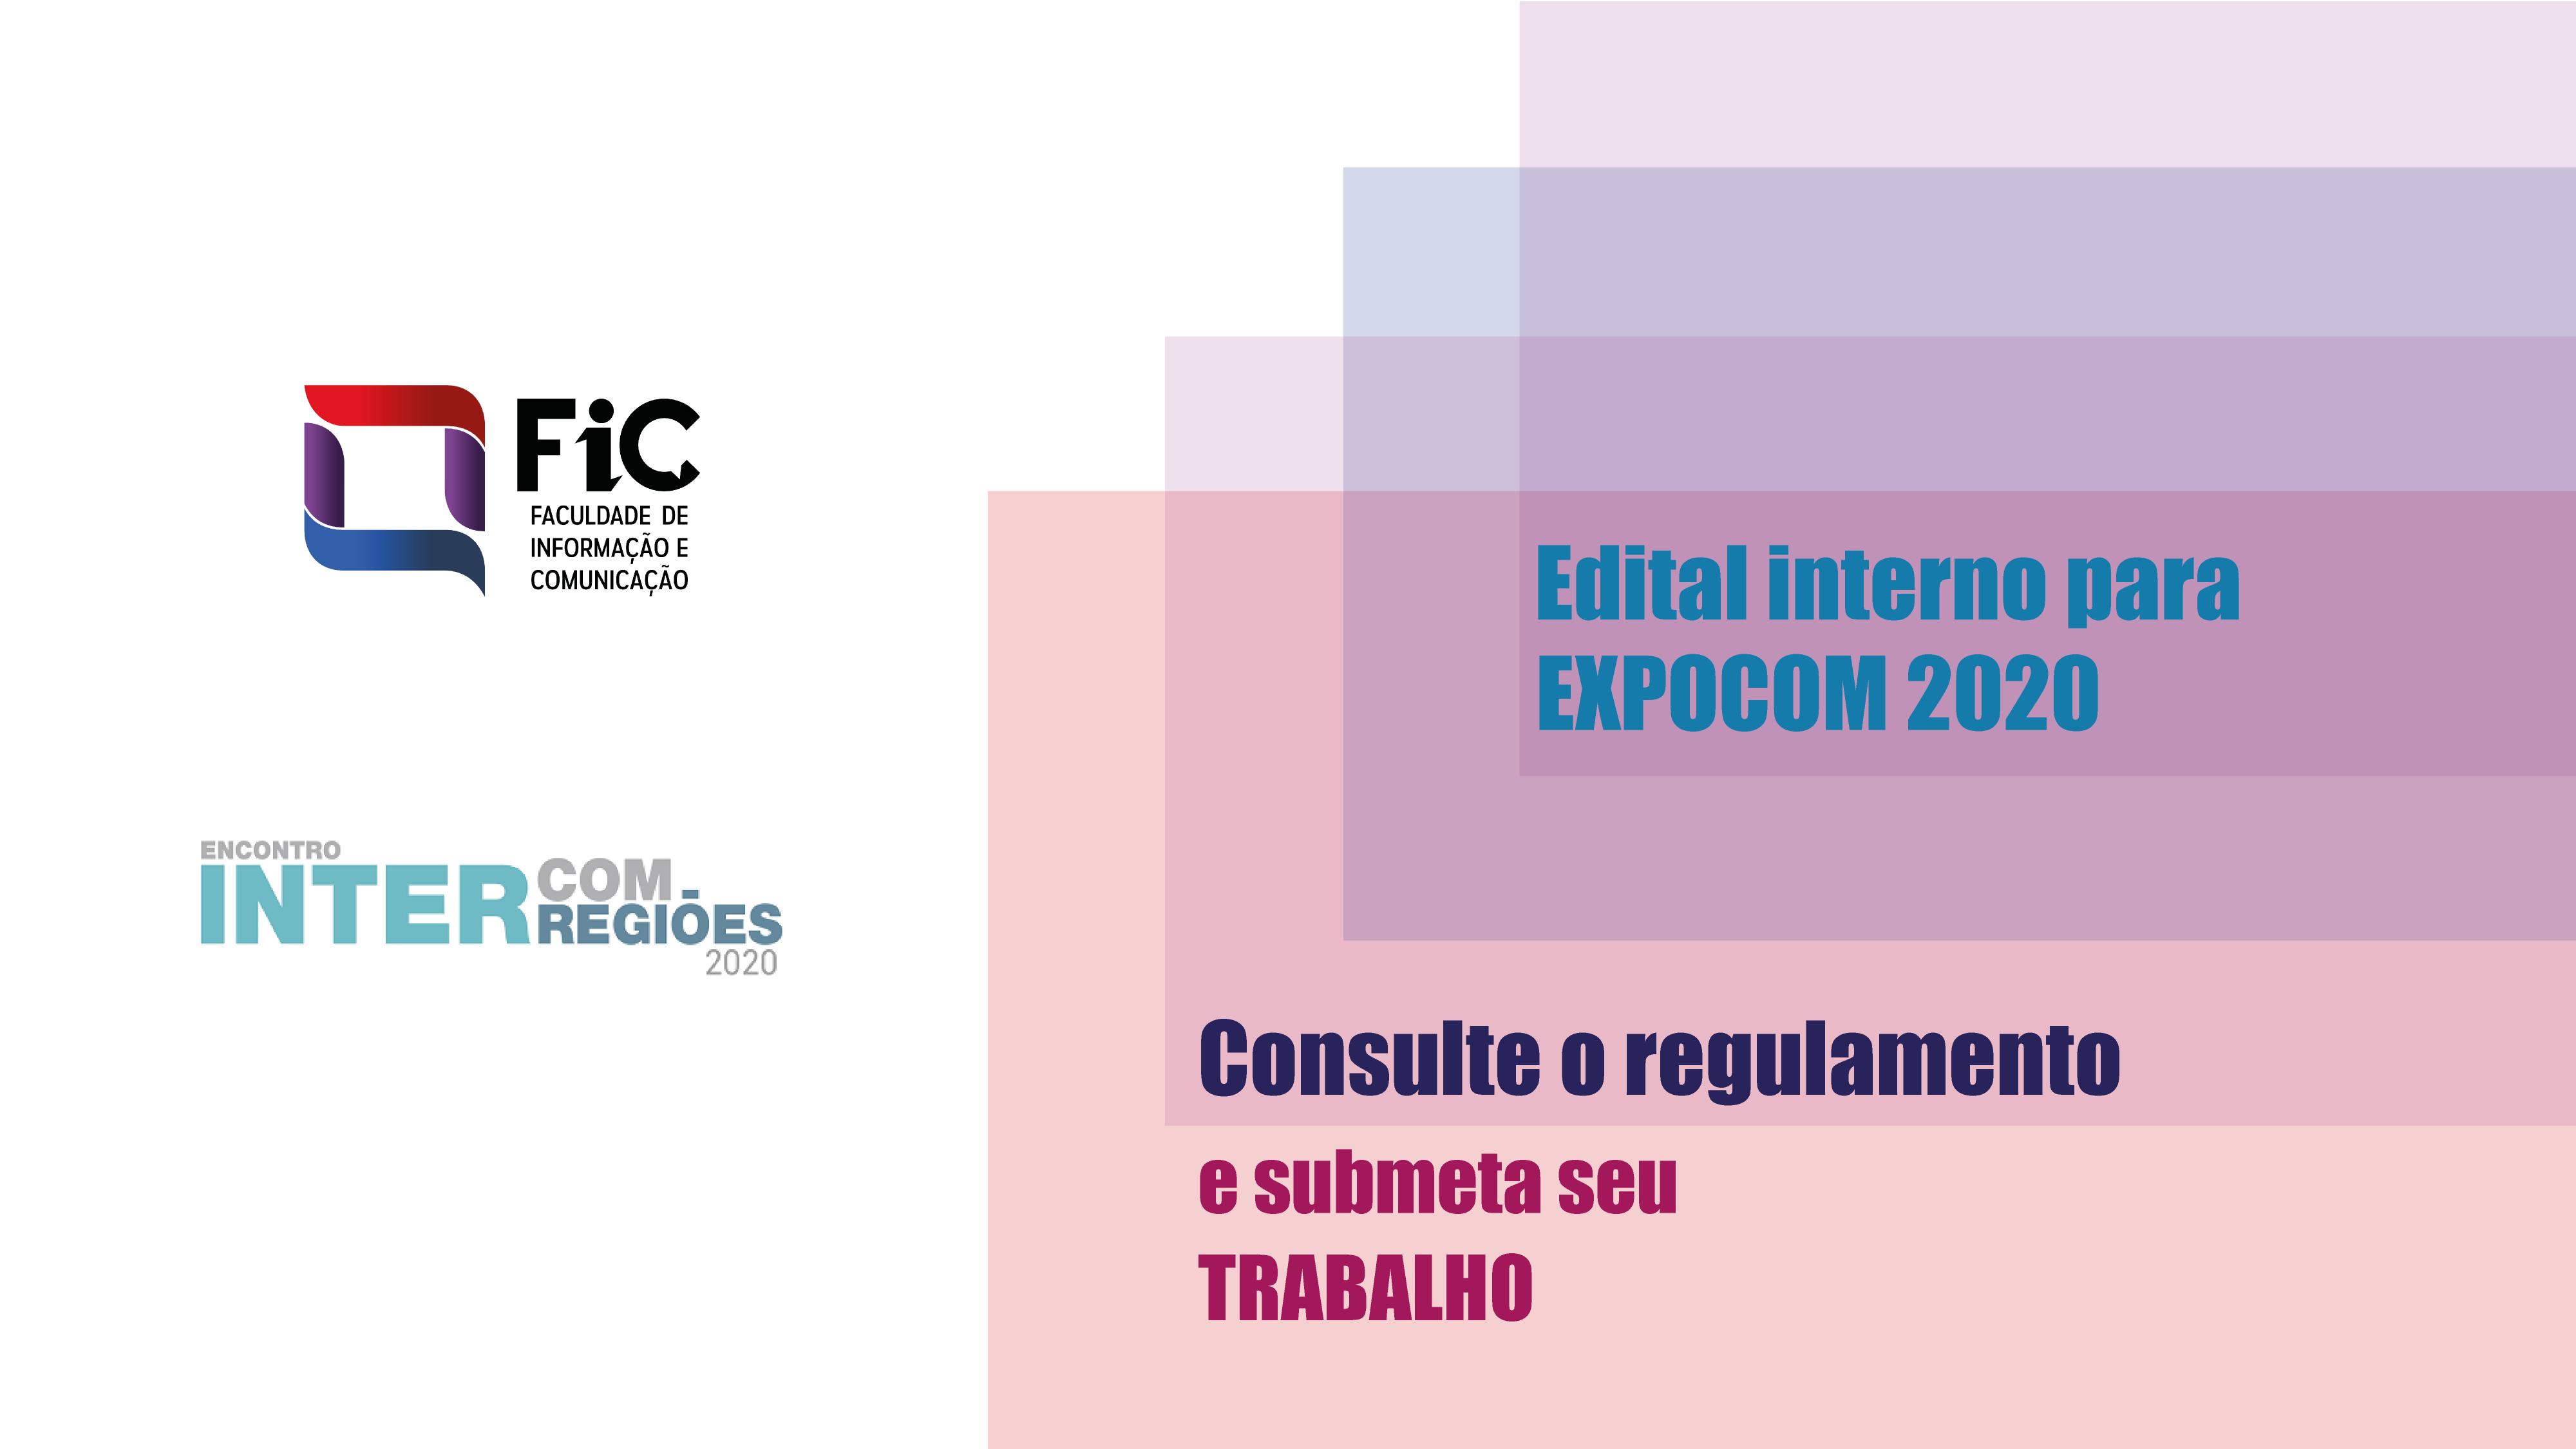 FIC abre inscrições para seleção interna do Expocom 2020